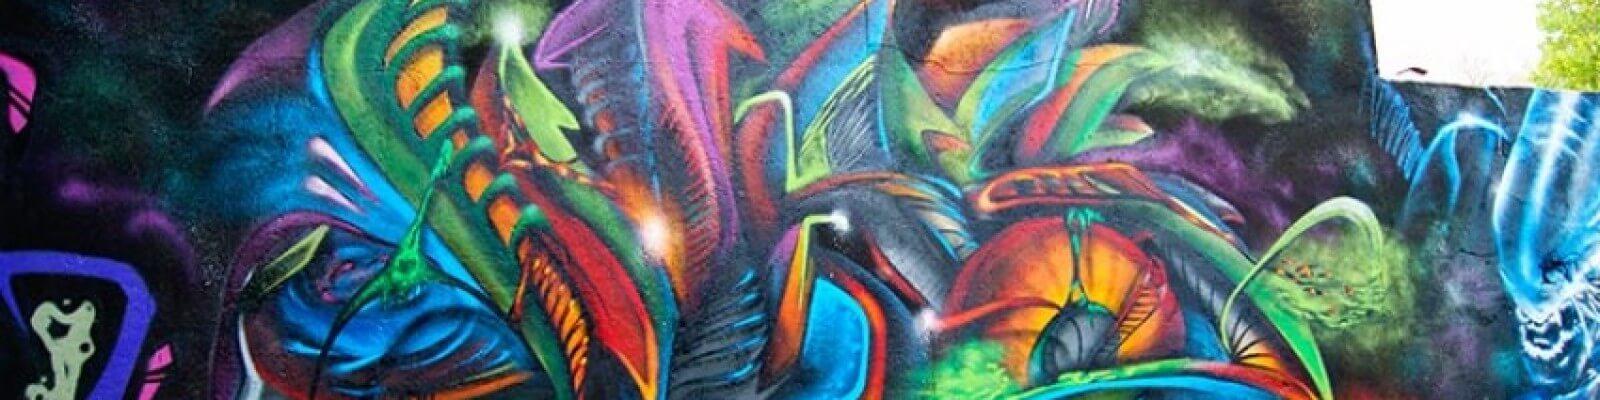 3D Graffit in Gelsenkirchen Feldmark